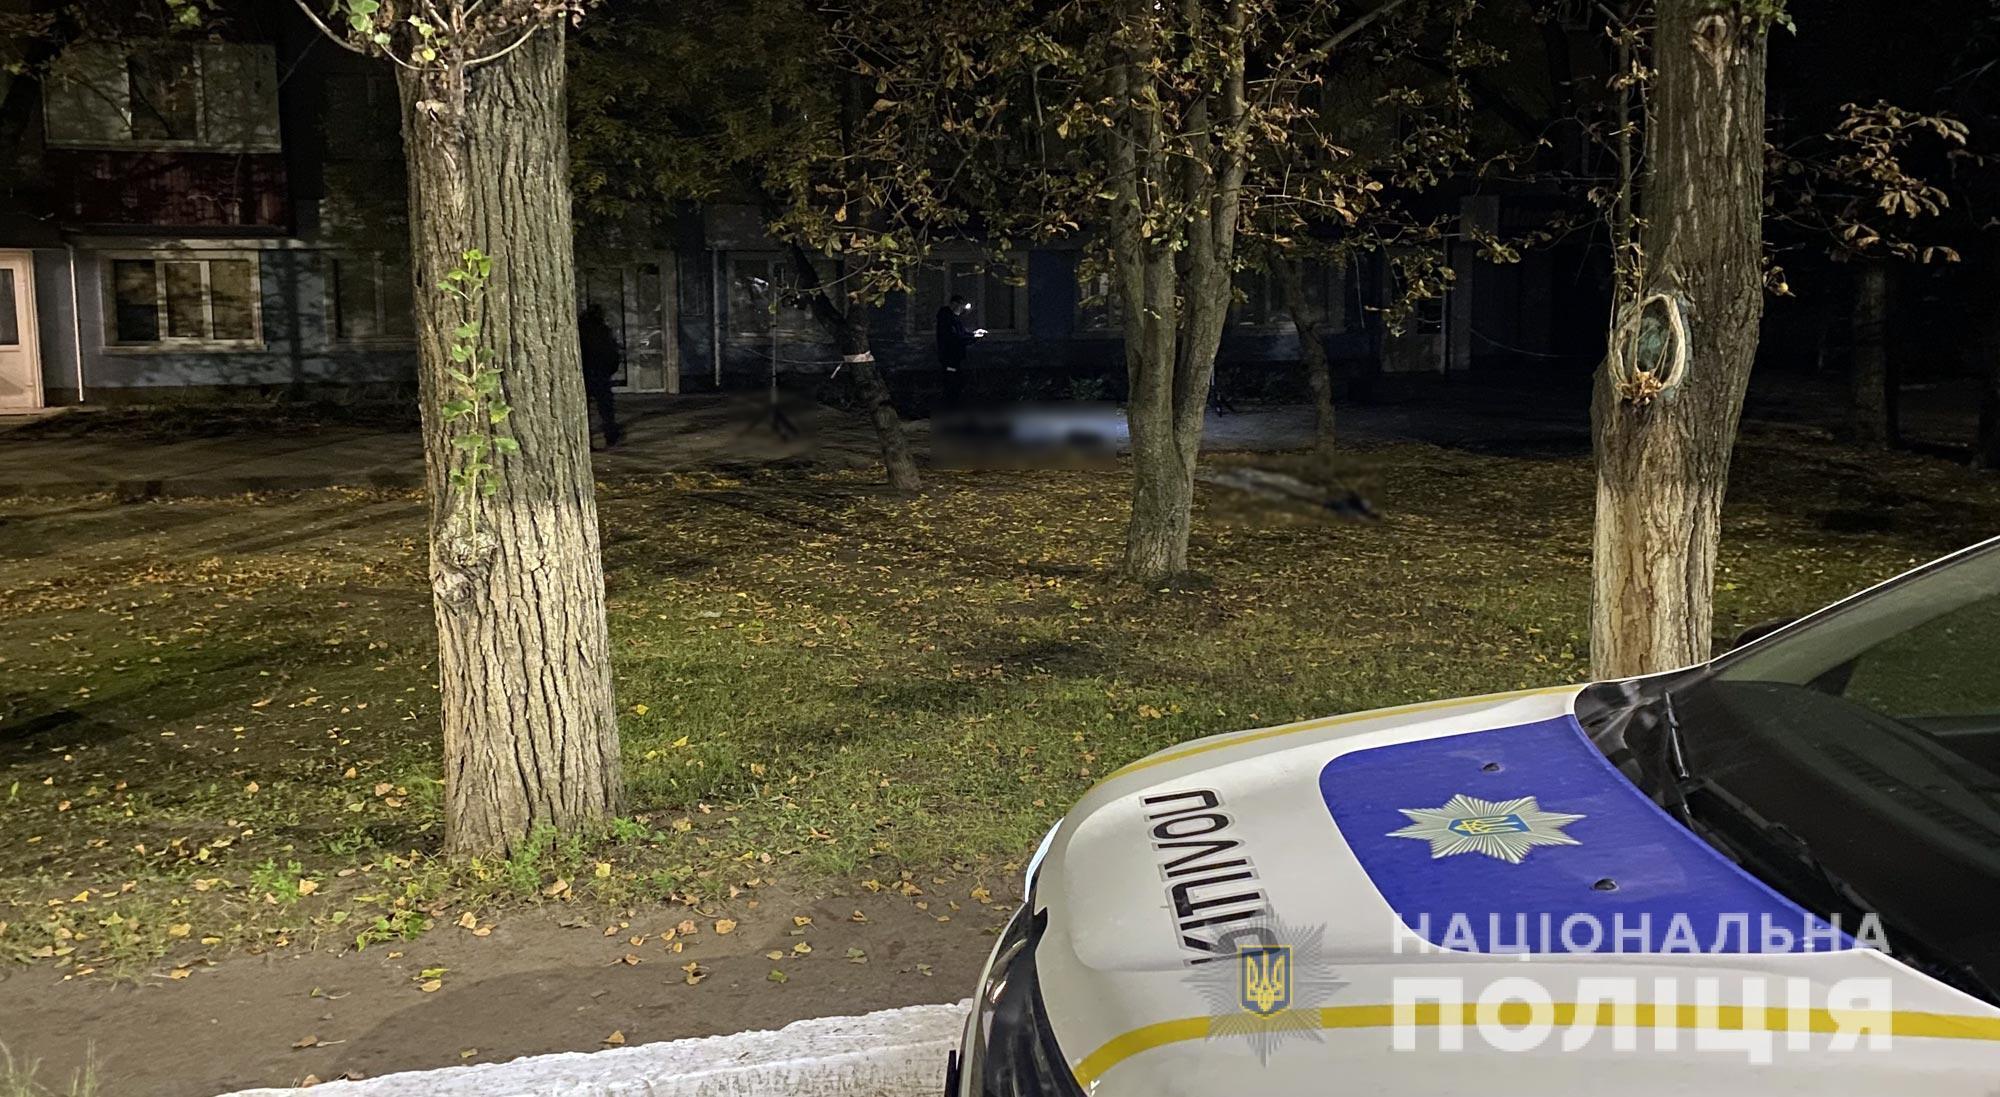 Напад стався на перехресті проспекту Лесі Українки та вулиці Тараса Бульби